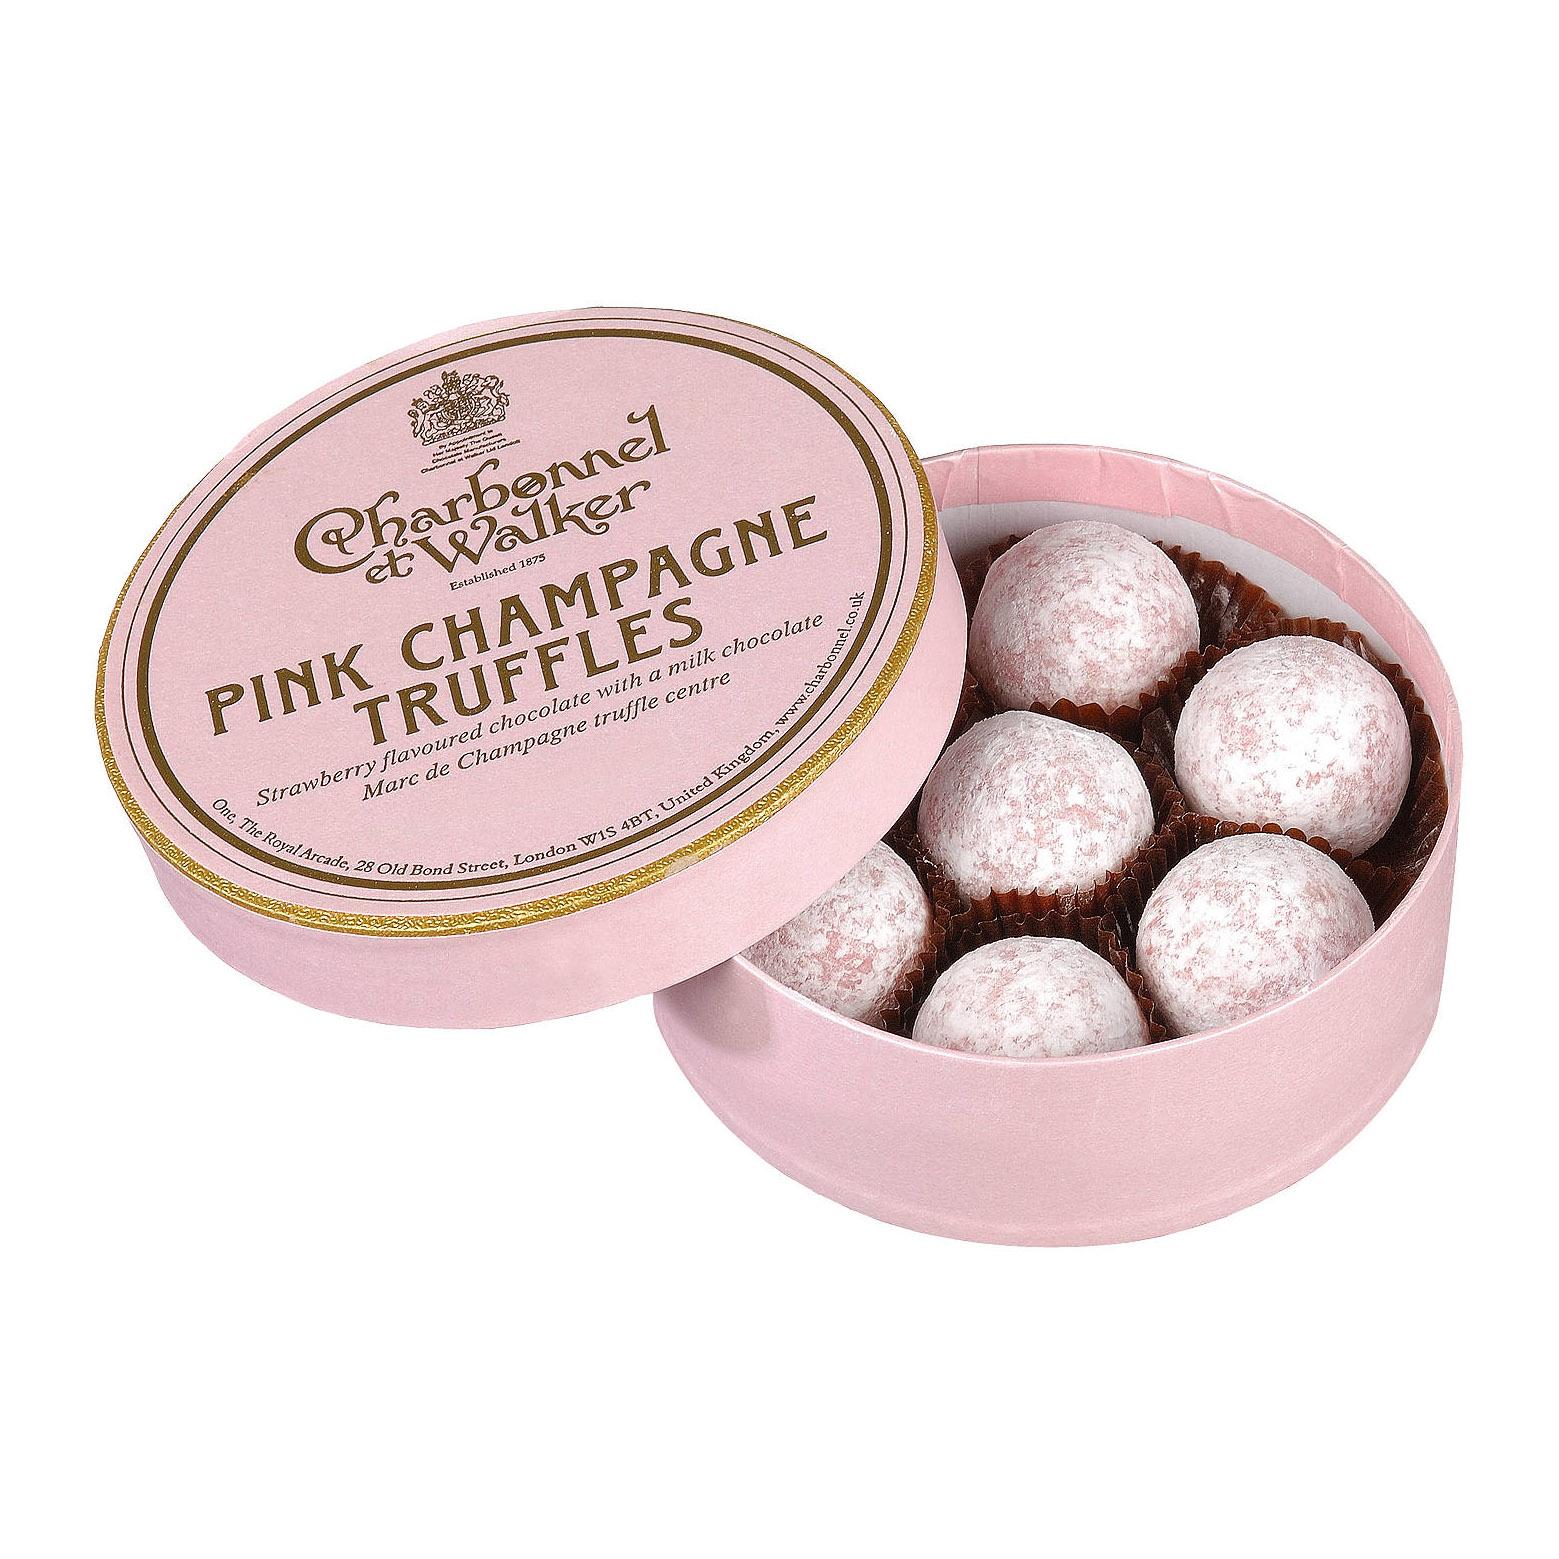 Charbonnel et Walker - Pink Marc de Champagne truffles -